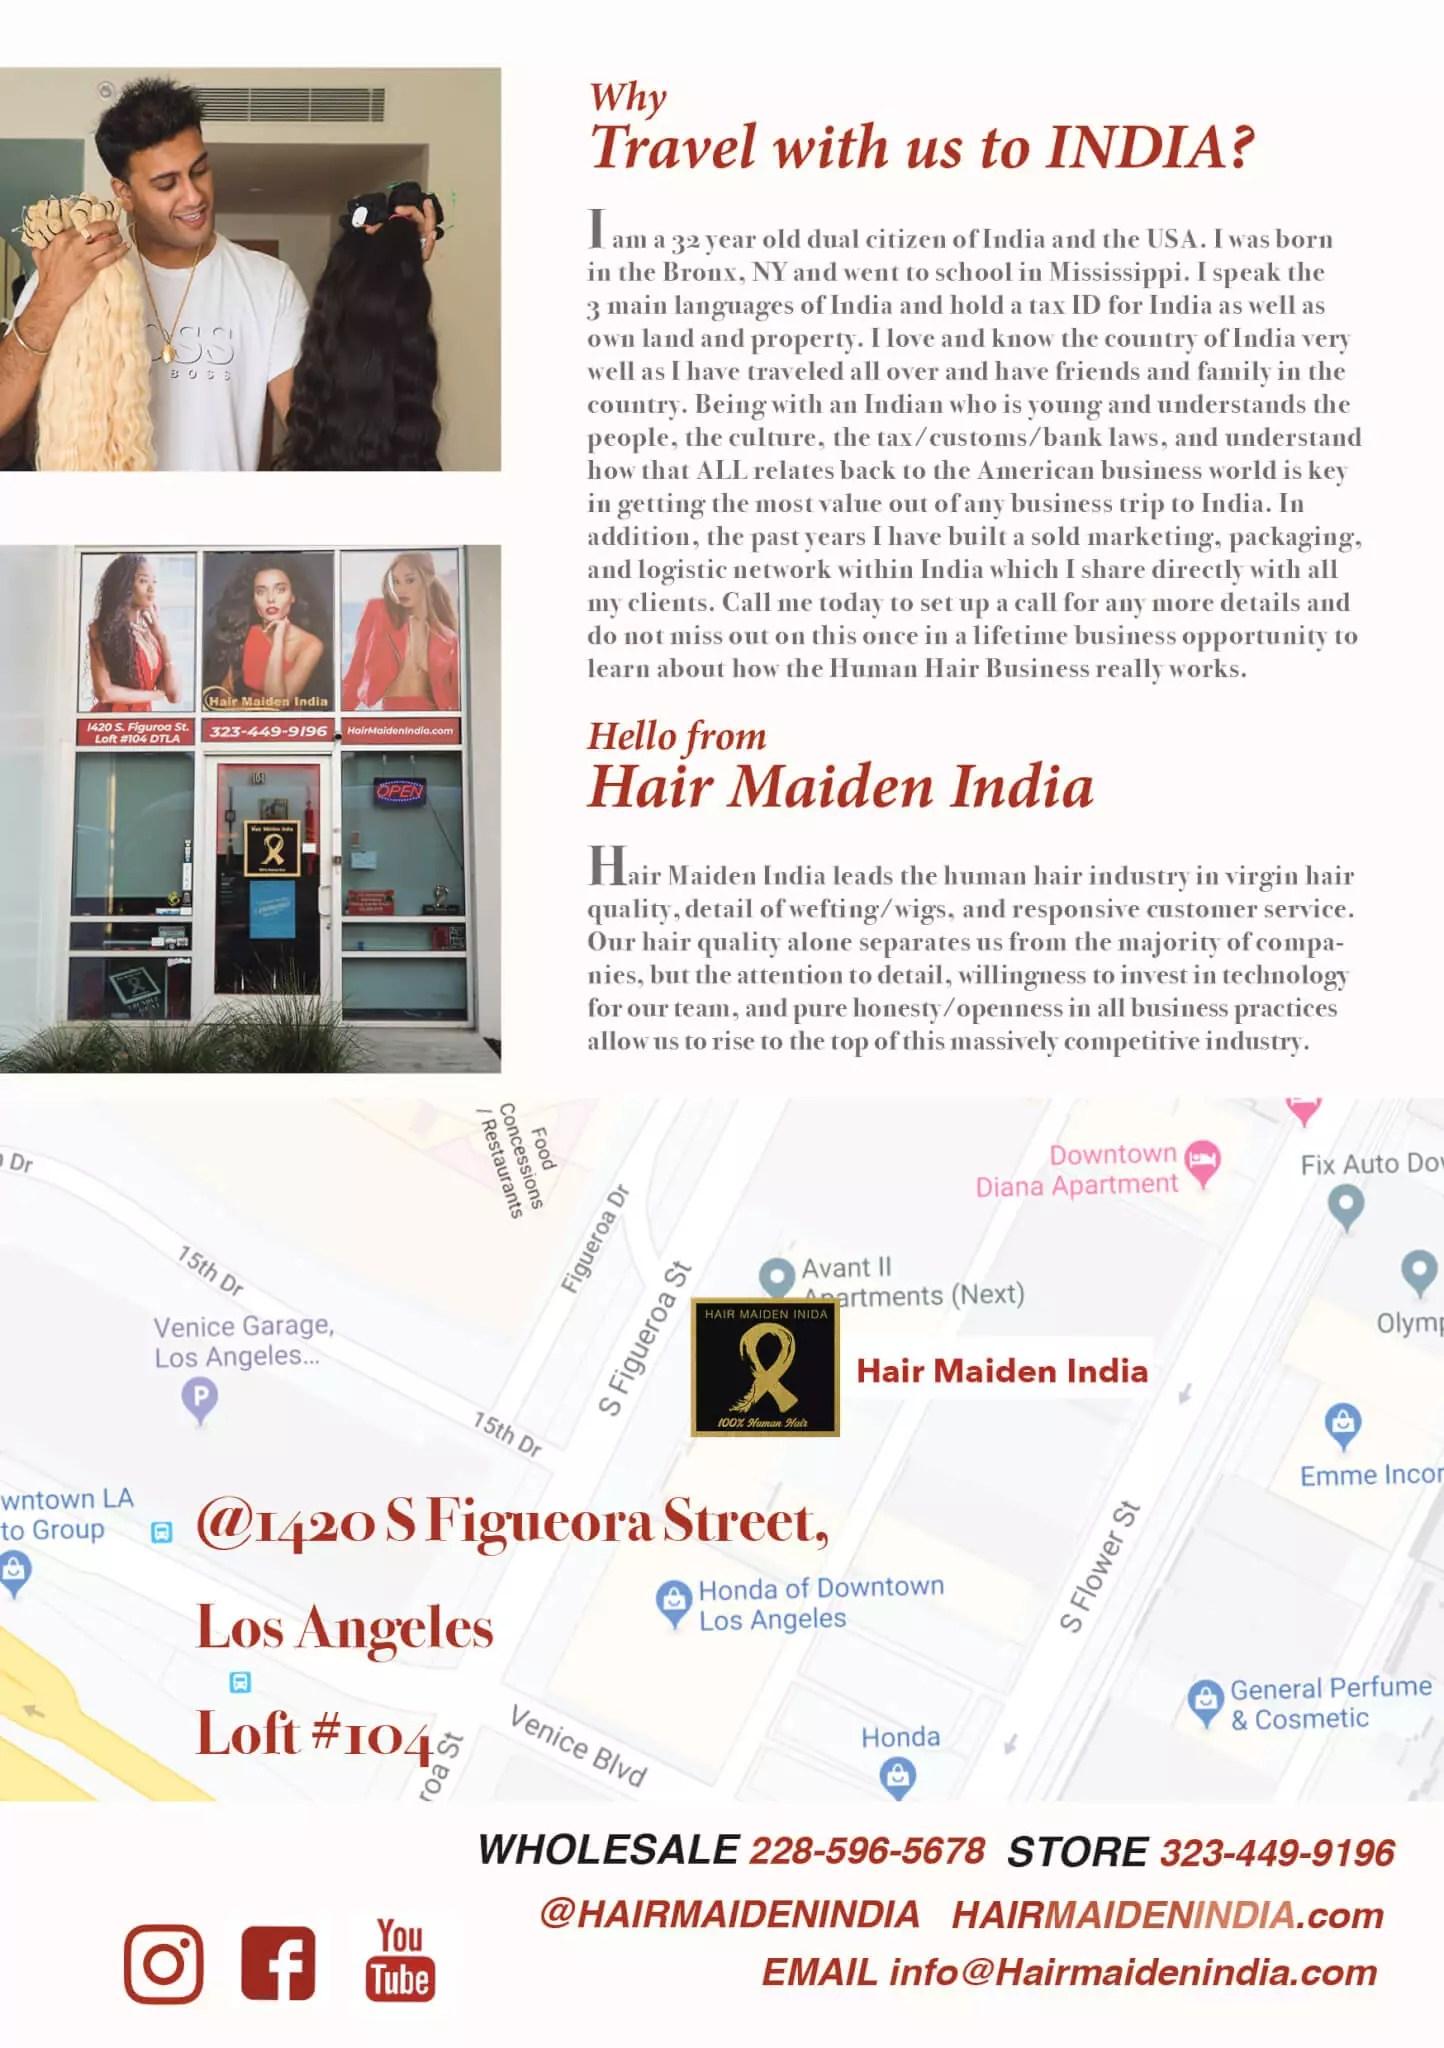 Indian Human Hair Tour